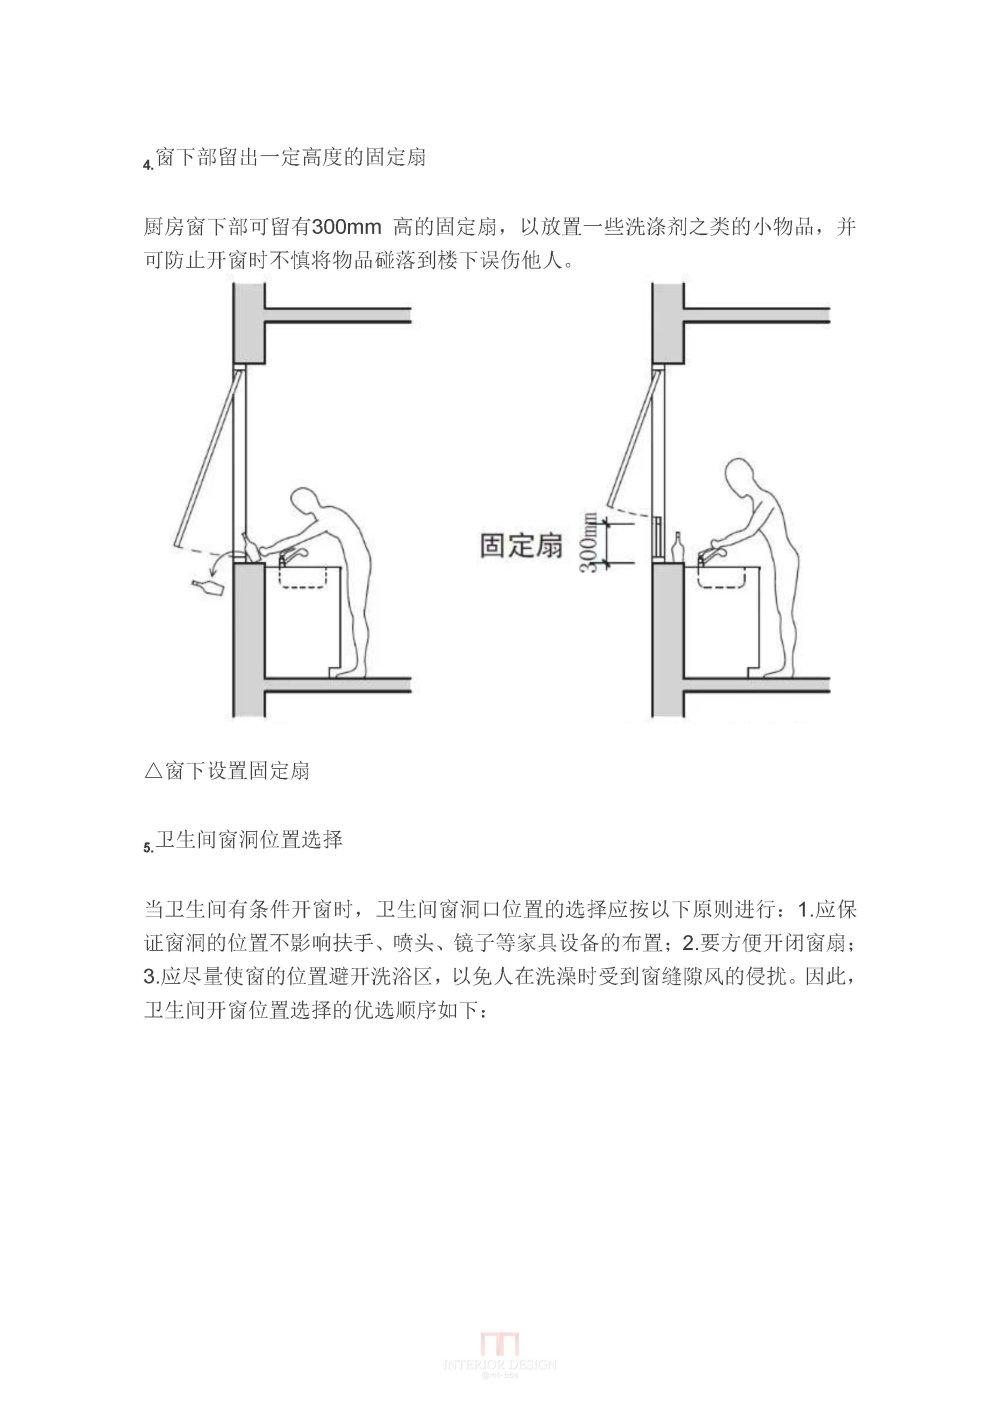 设计师必读:老年住宅中的细节设计(经典)_111 (11).jpg